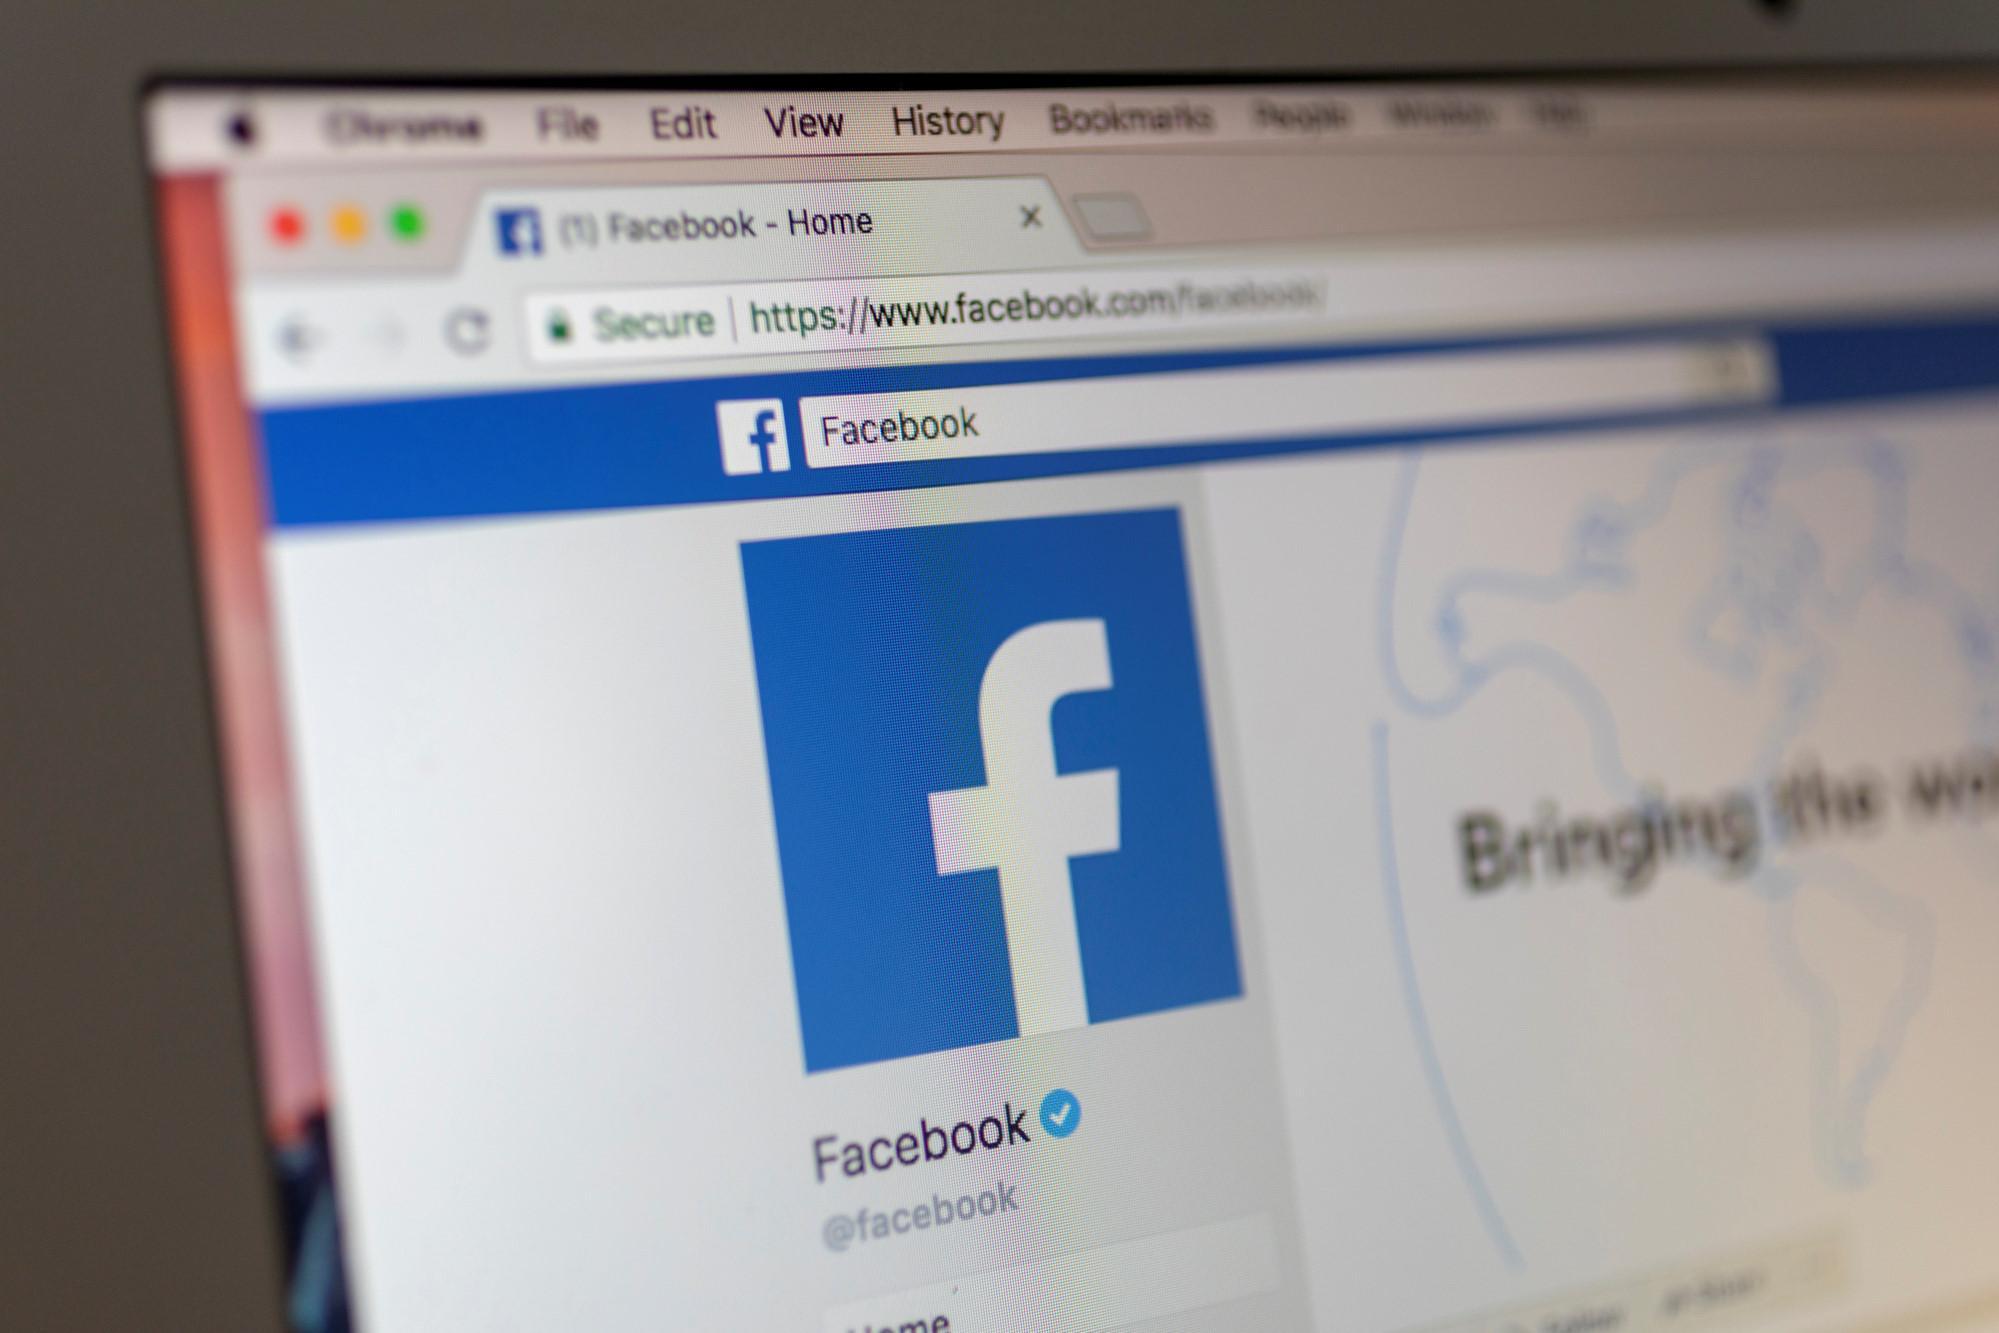 Anh phạt Facebook và các mạng xã hội nếu để lọt nội dung khủng bố Ảnh 1